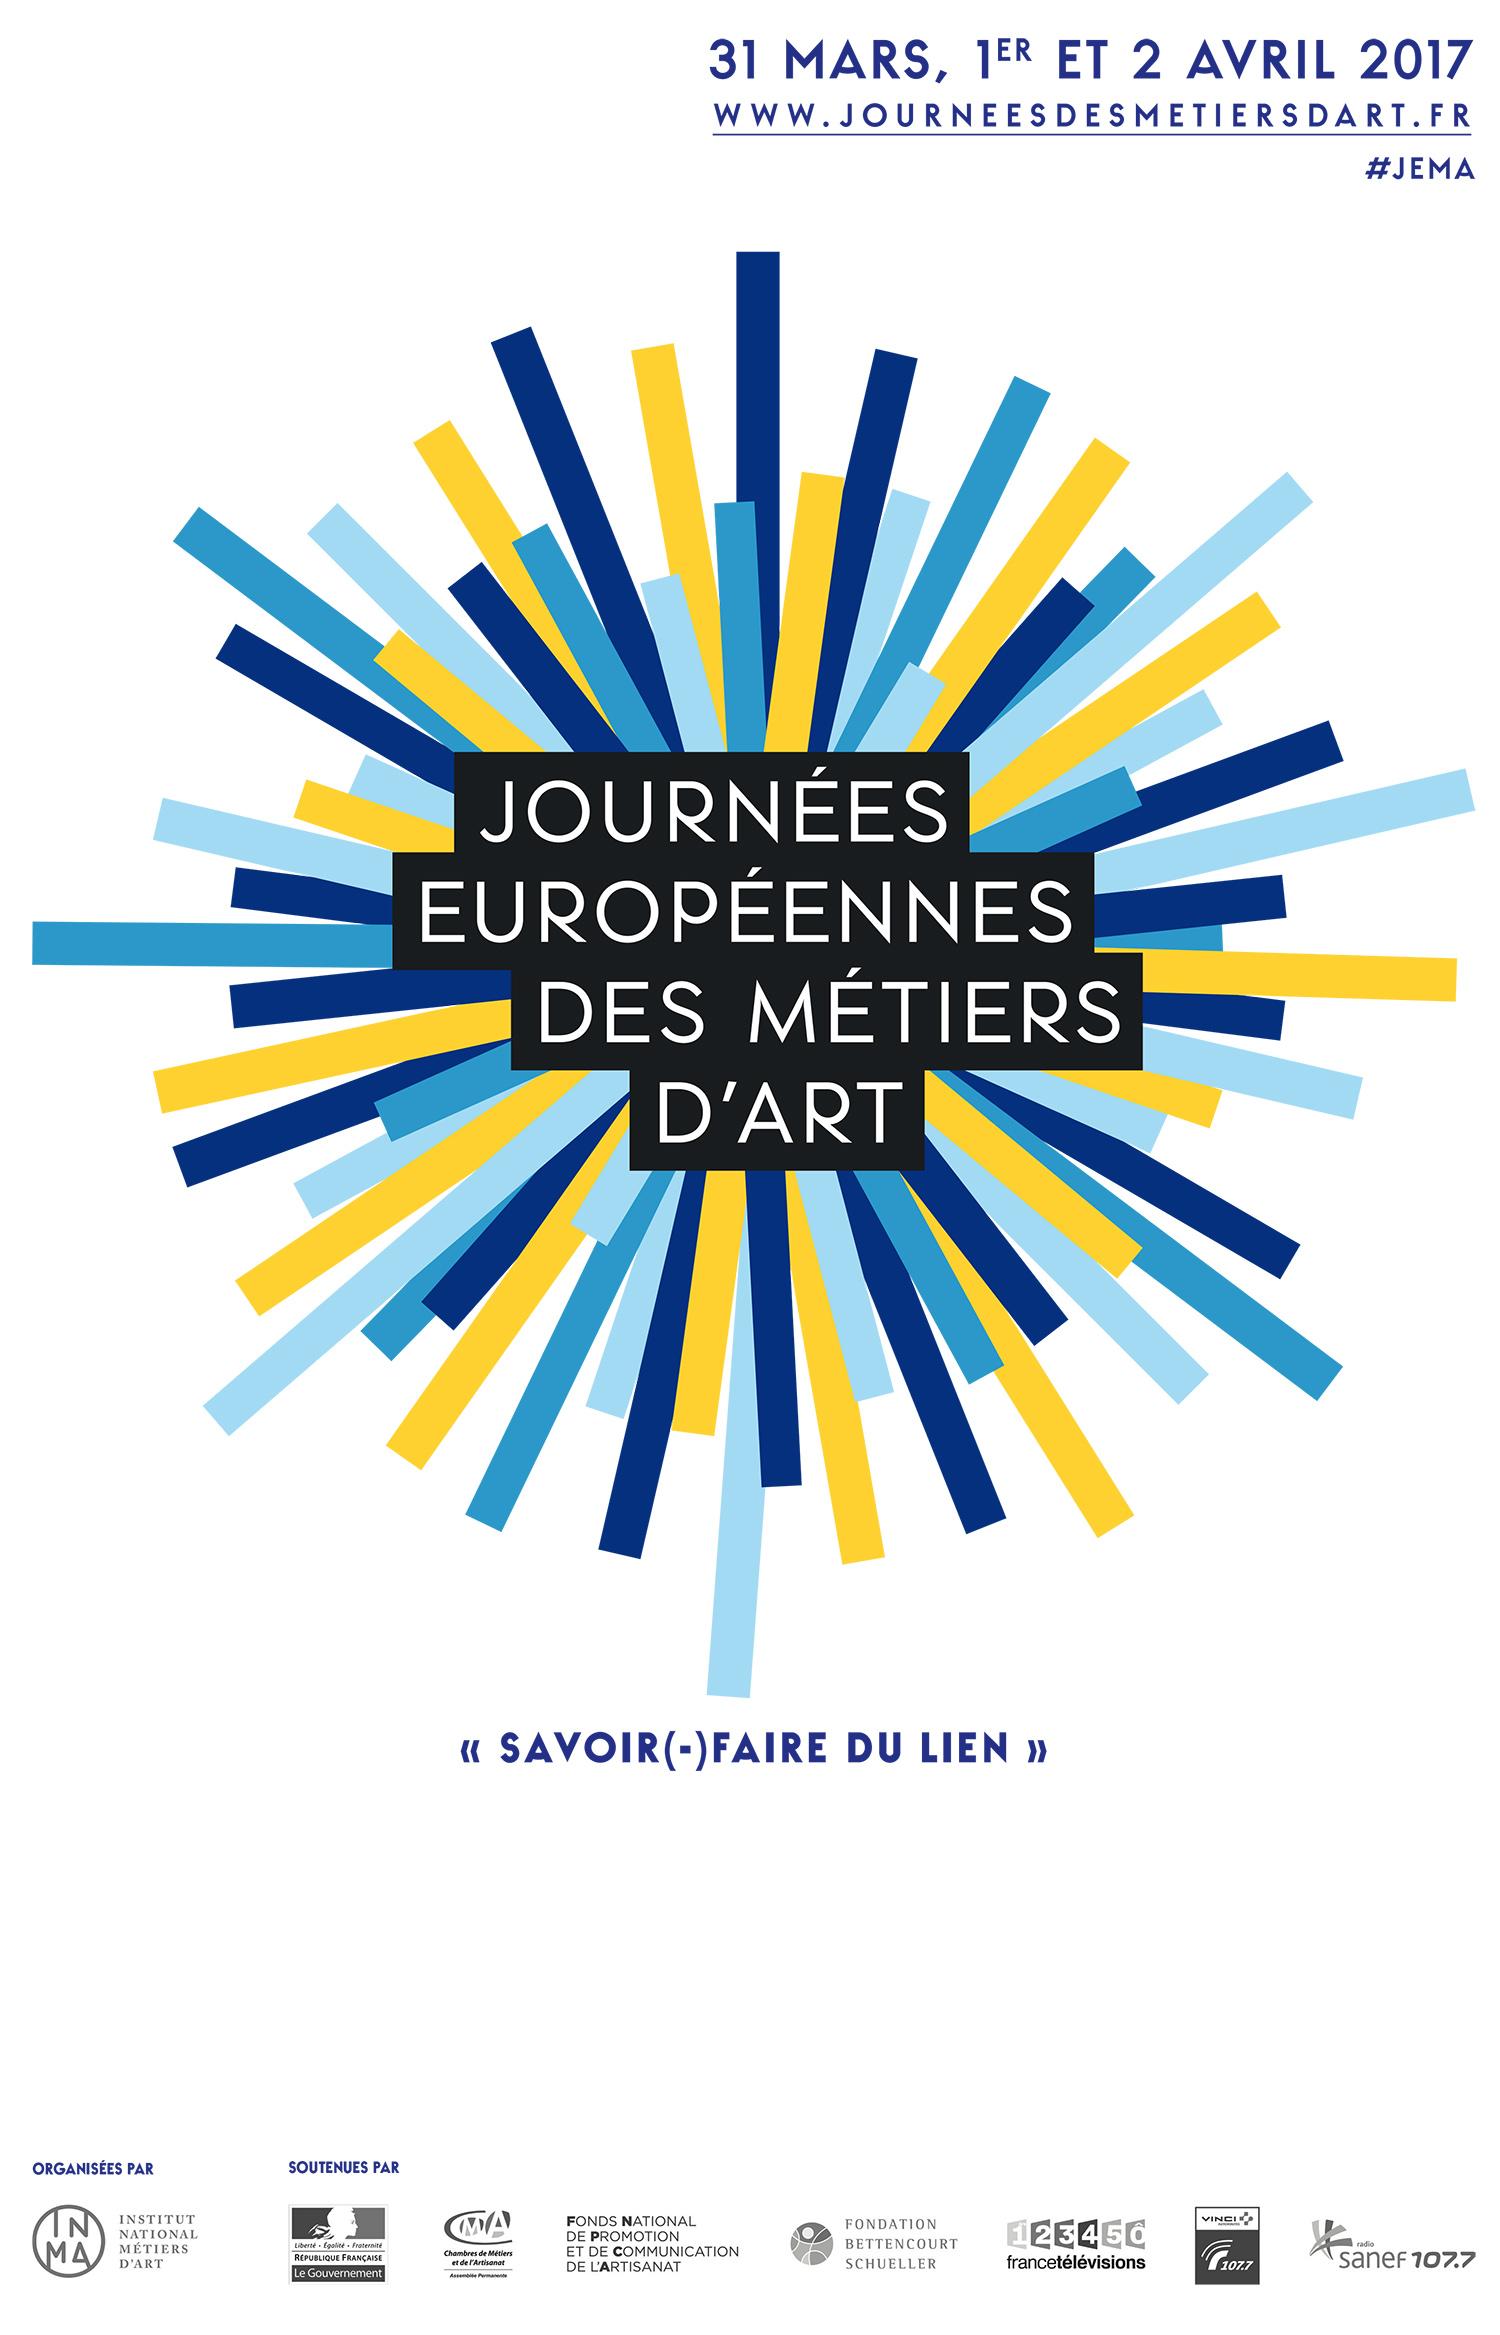 Journ es europ ennes des m tiers d art jema2017 creuse for Cours de design